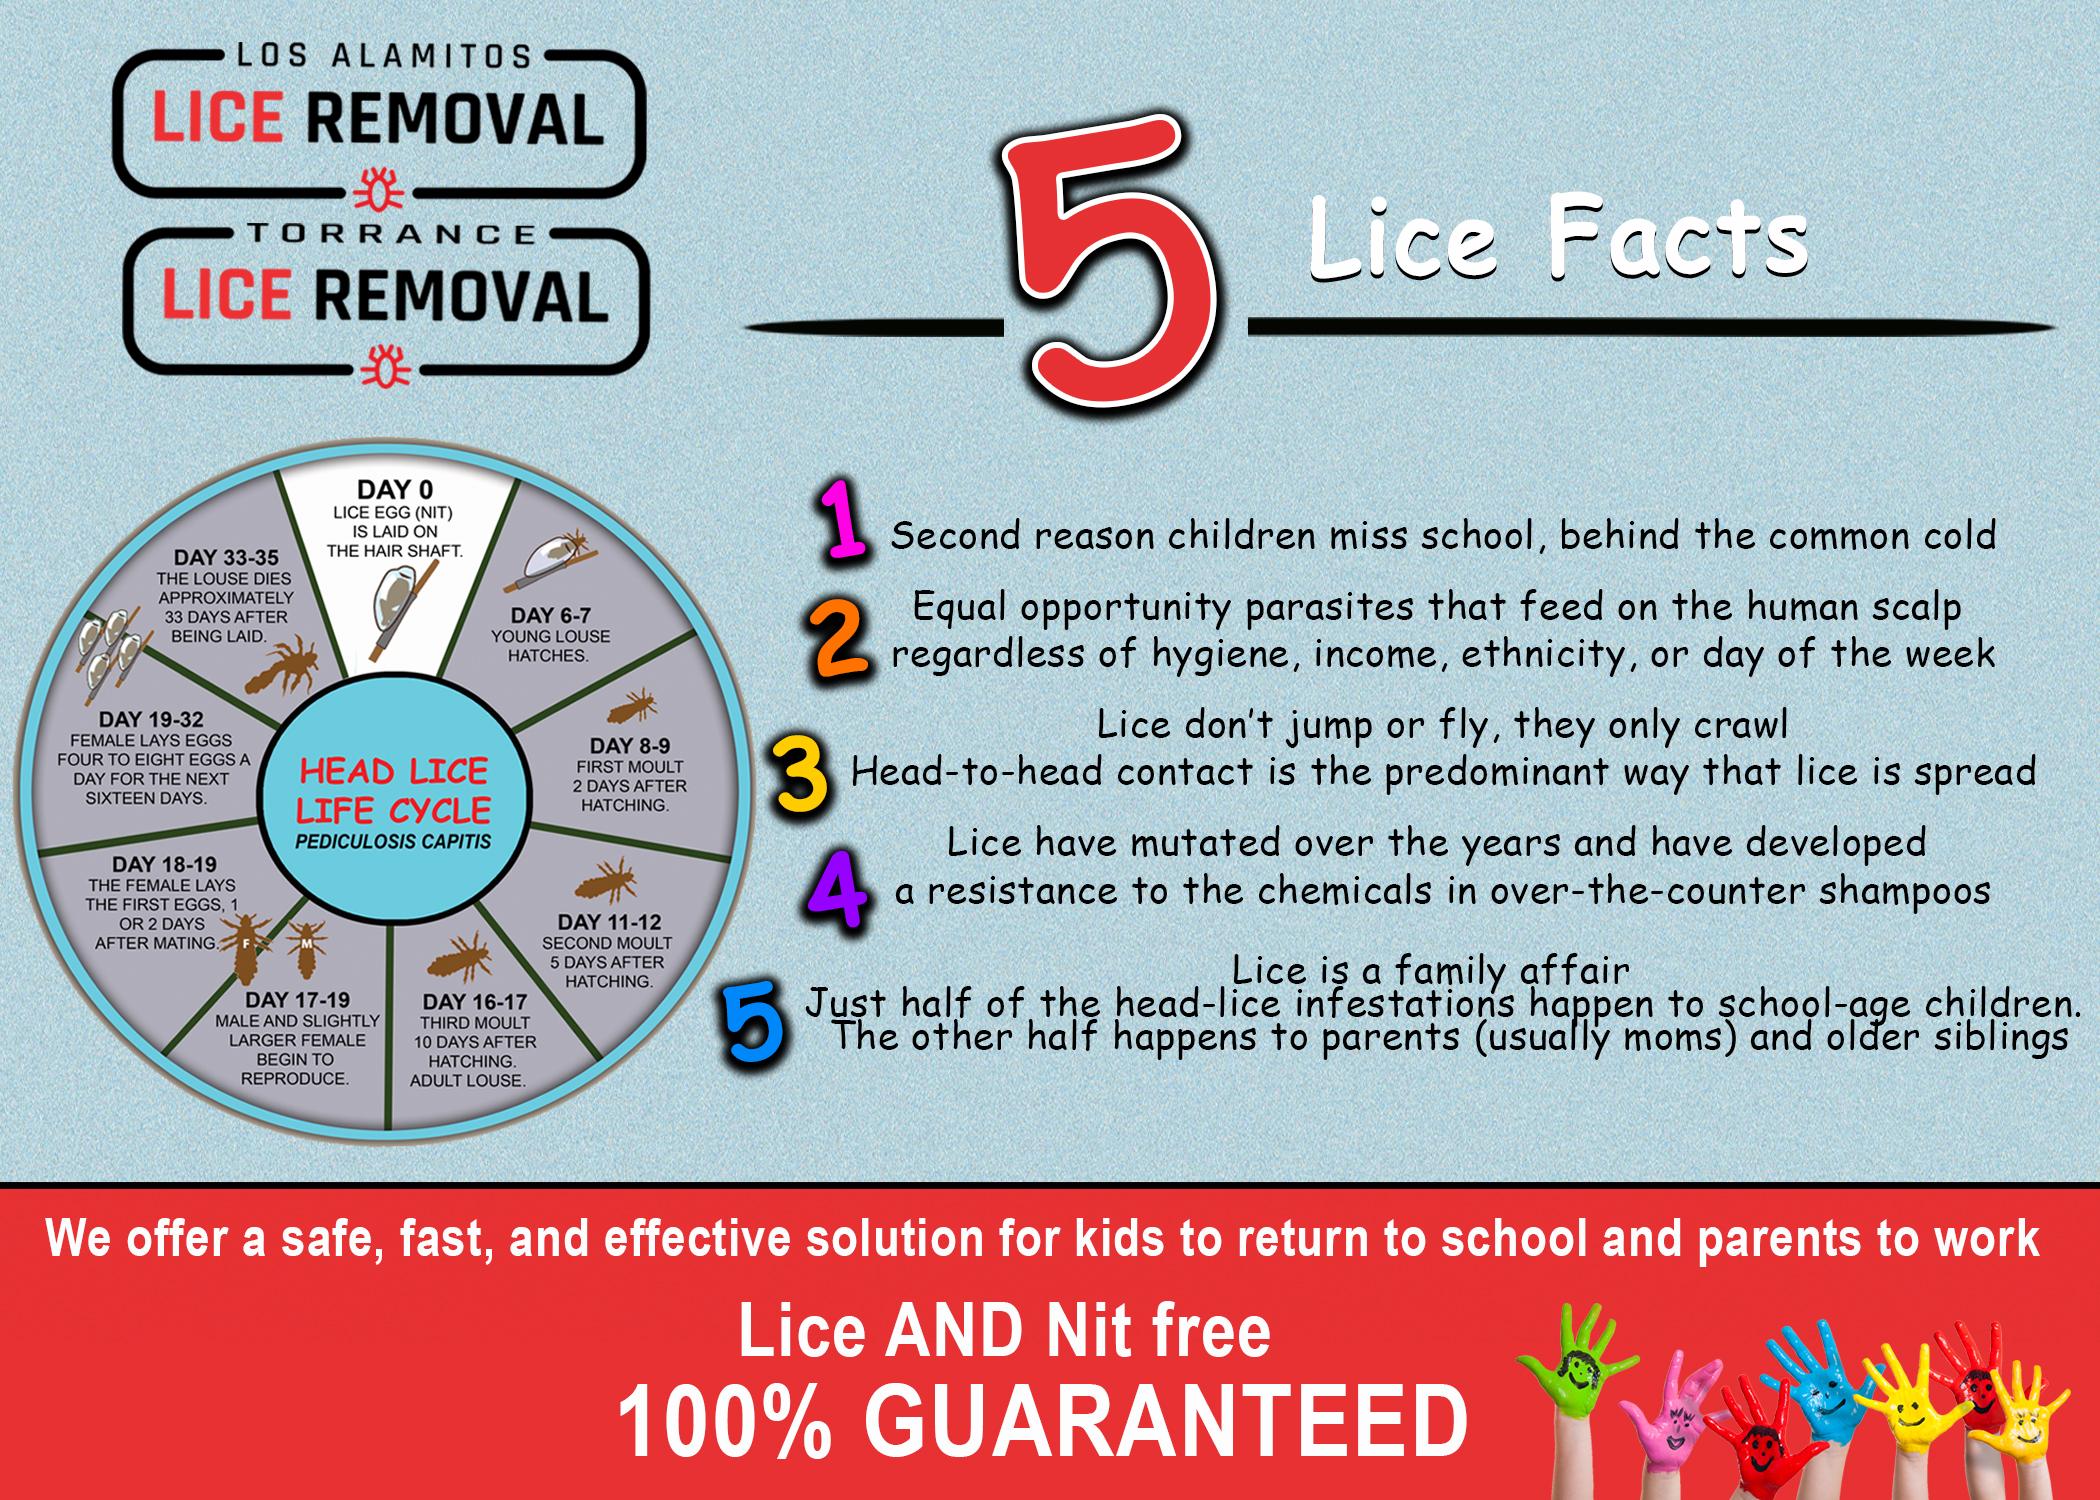 5_Lice_Facts_-_Los_Alamitos(1)